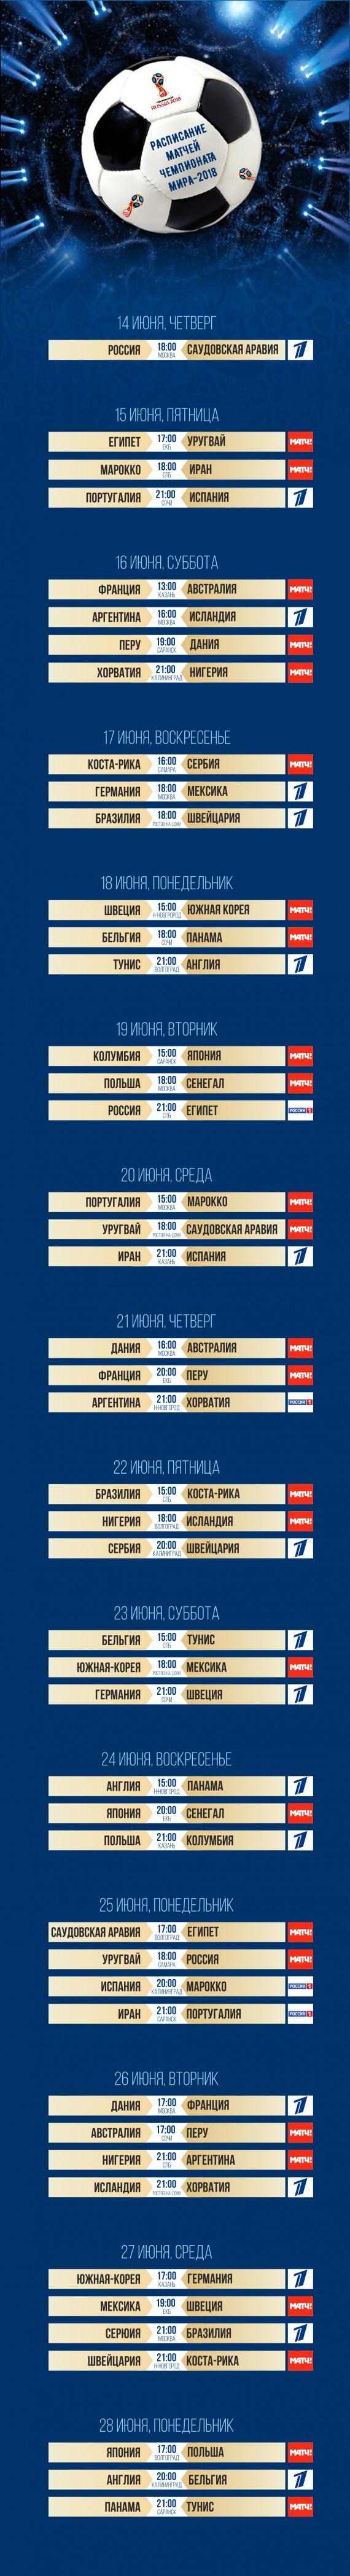 В «Лужниках» сегодня стартует первый в истории России ЧМ по футболу. РАСПИСАНИЕ ЧЕМПИОНАТА и стоимость команд